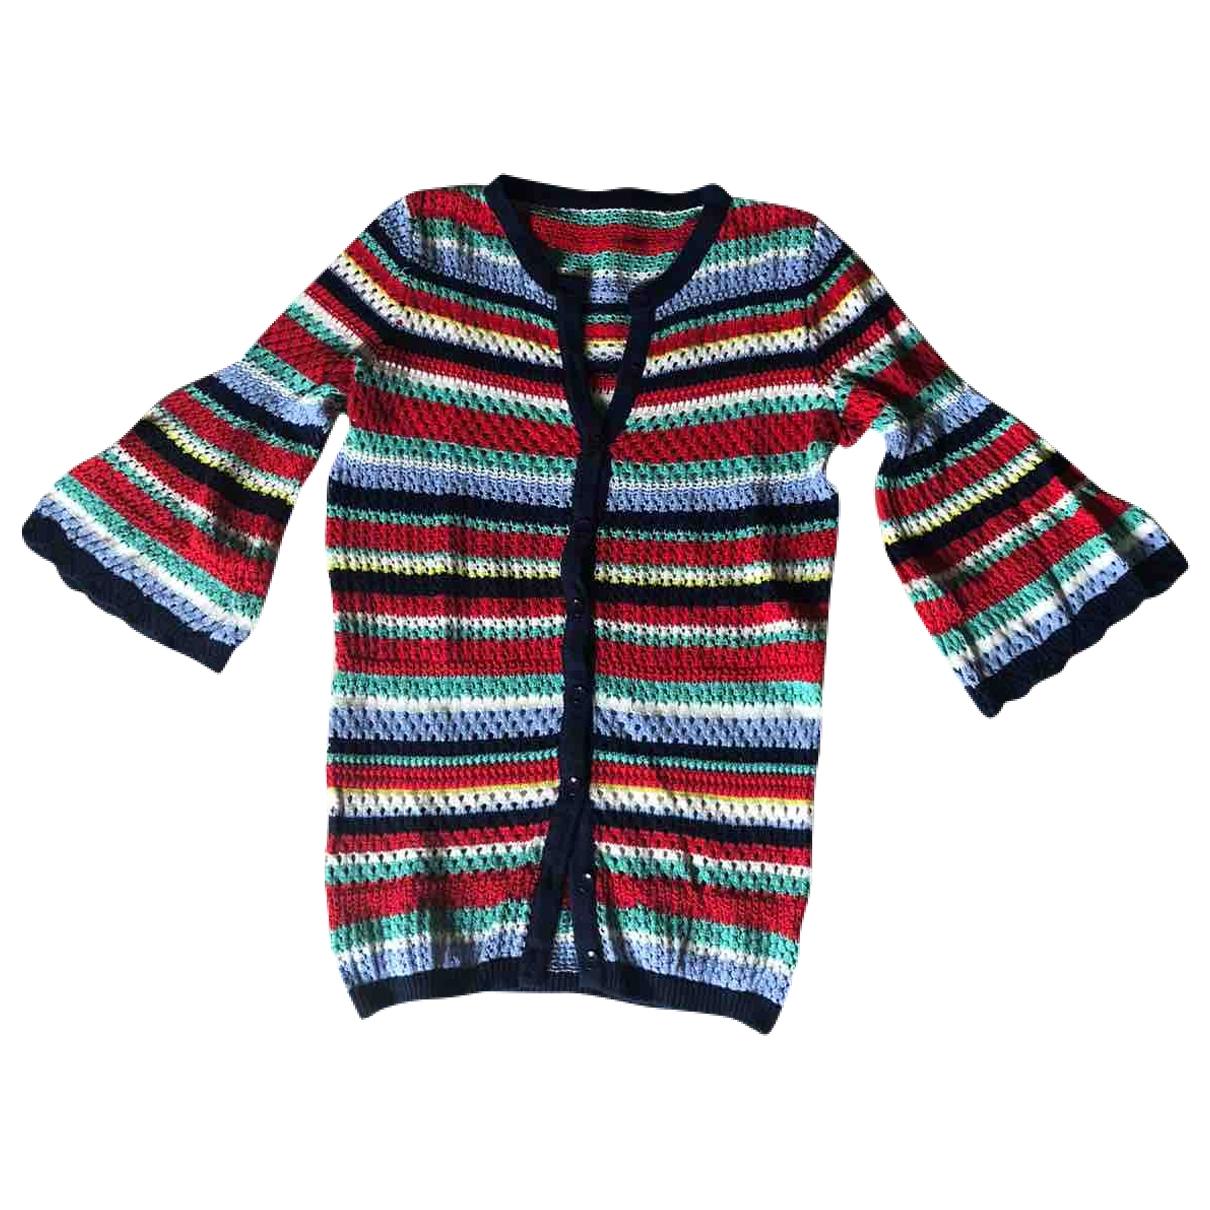 - Pull Hippie Chic pour femme en coton